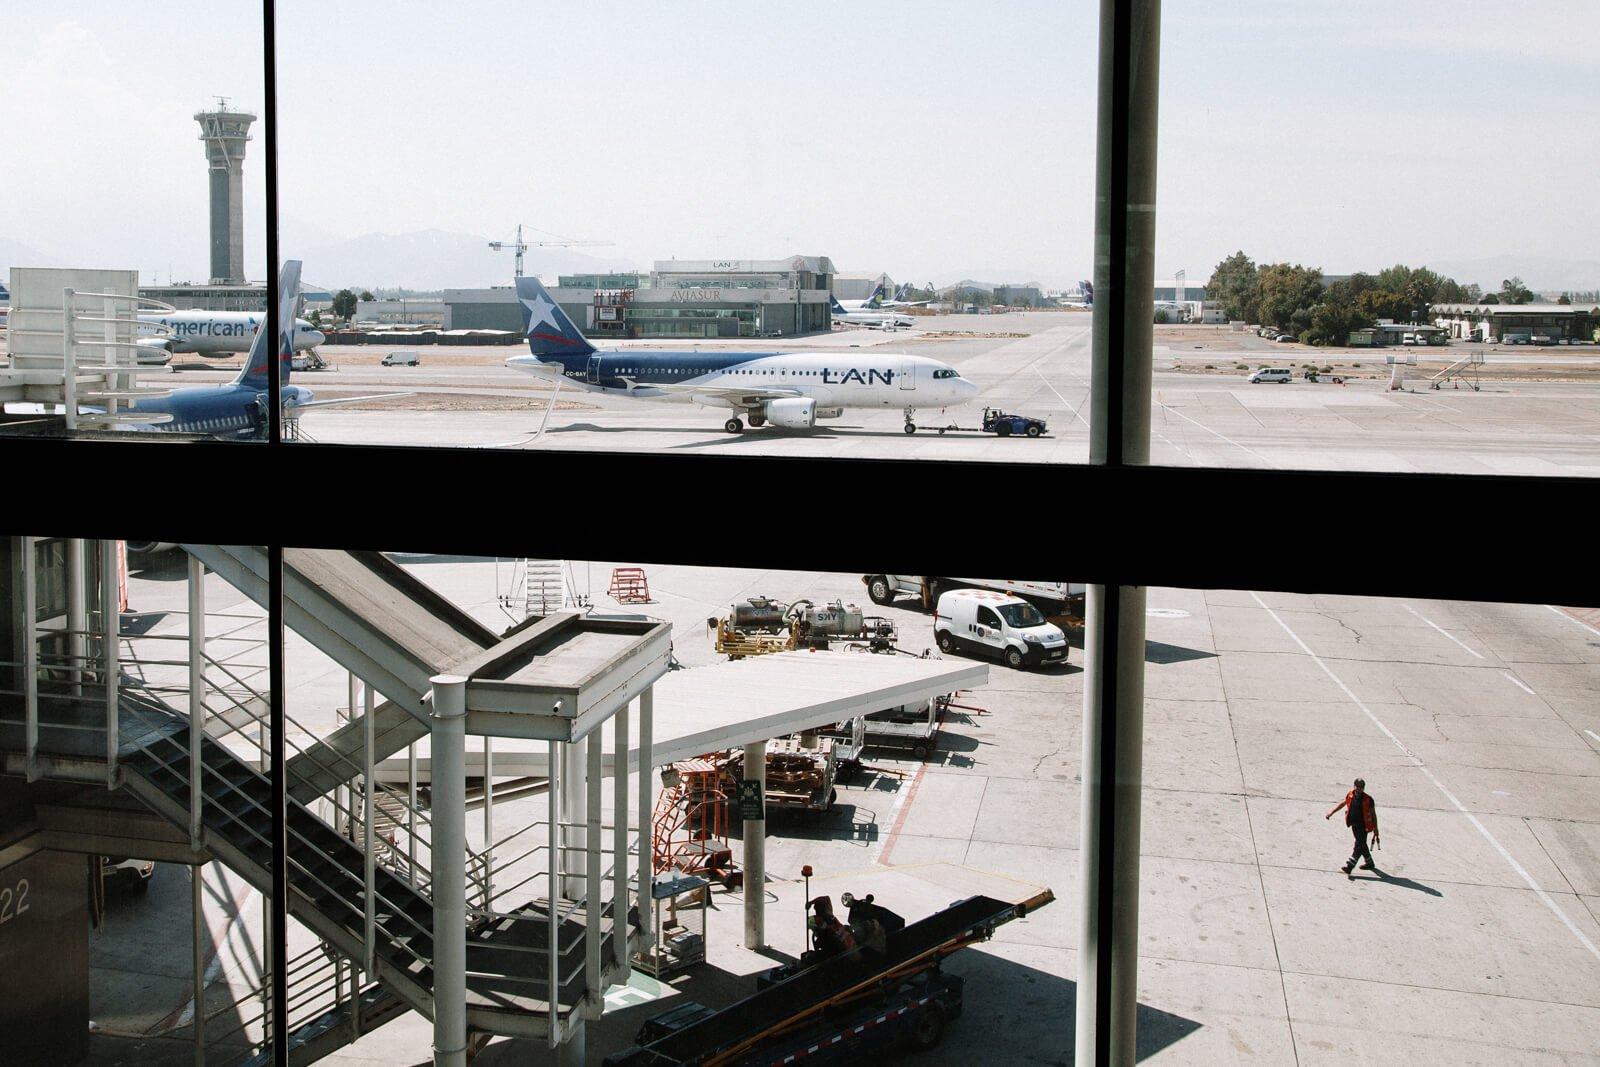 cancelamento de voo, atraso de voo, o que fazer? Foto aeroporto